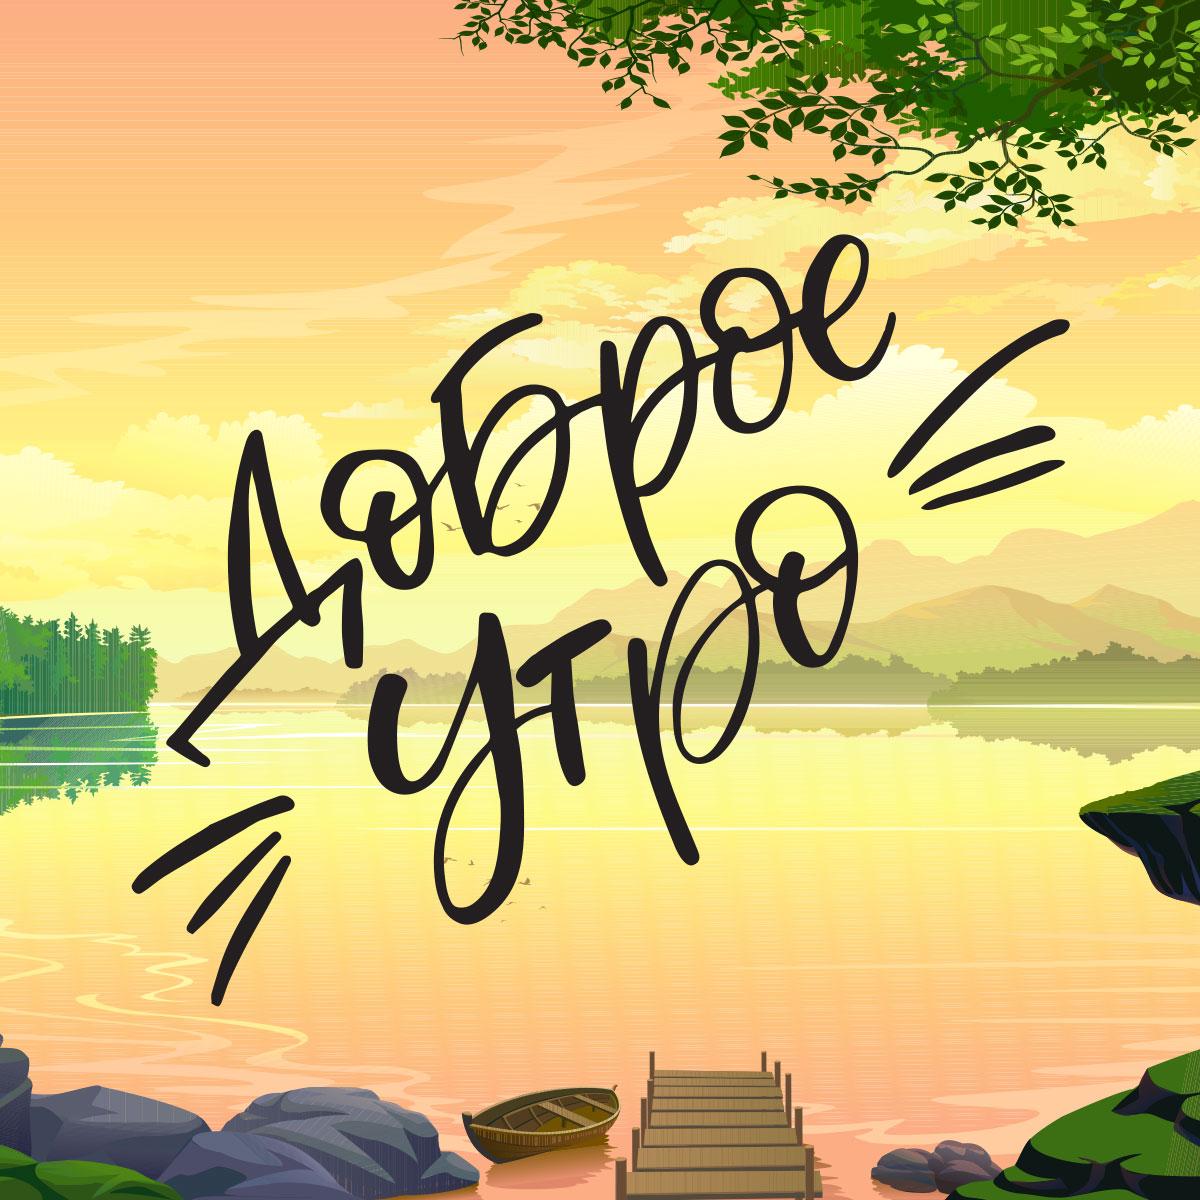 Картинка с пожеланием доброе утро на фоне природного пейзажа с рассветом на берегу озера в горах.